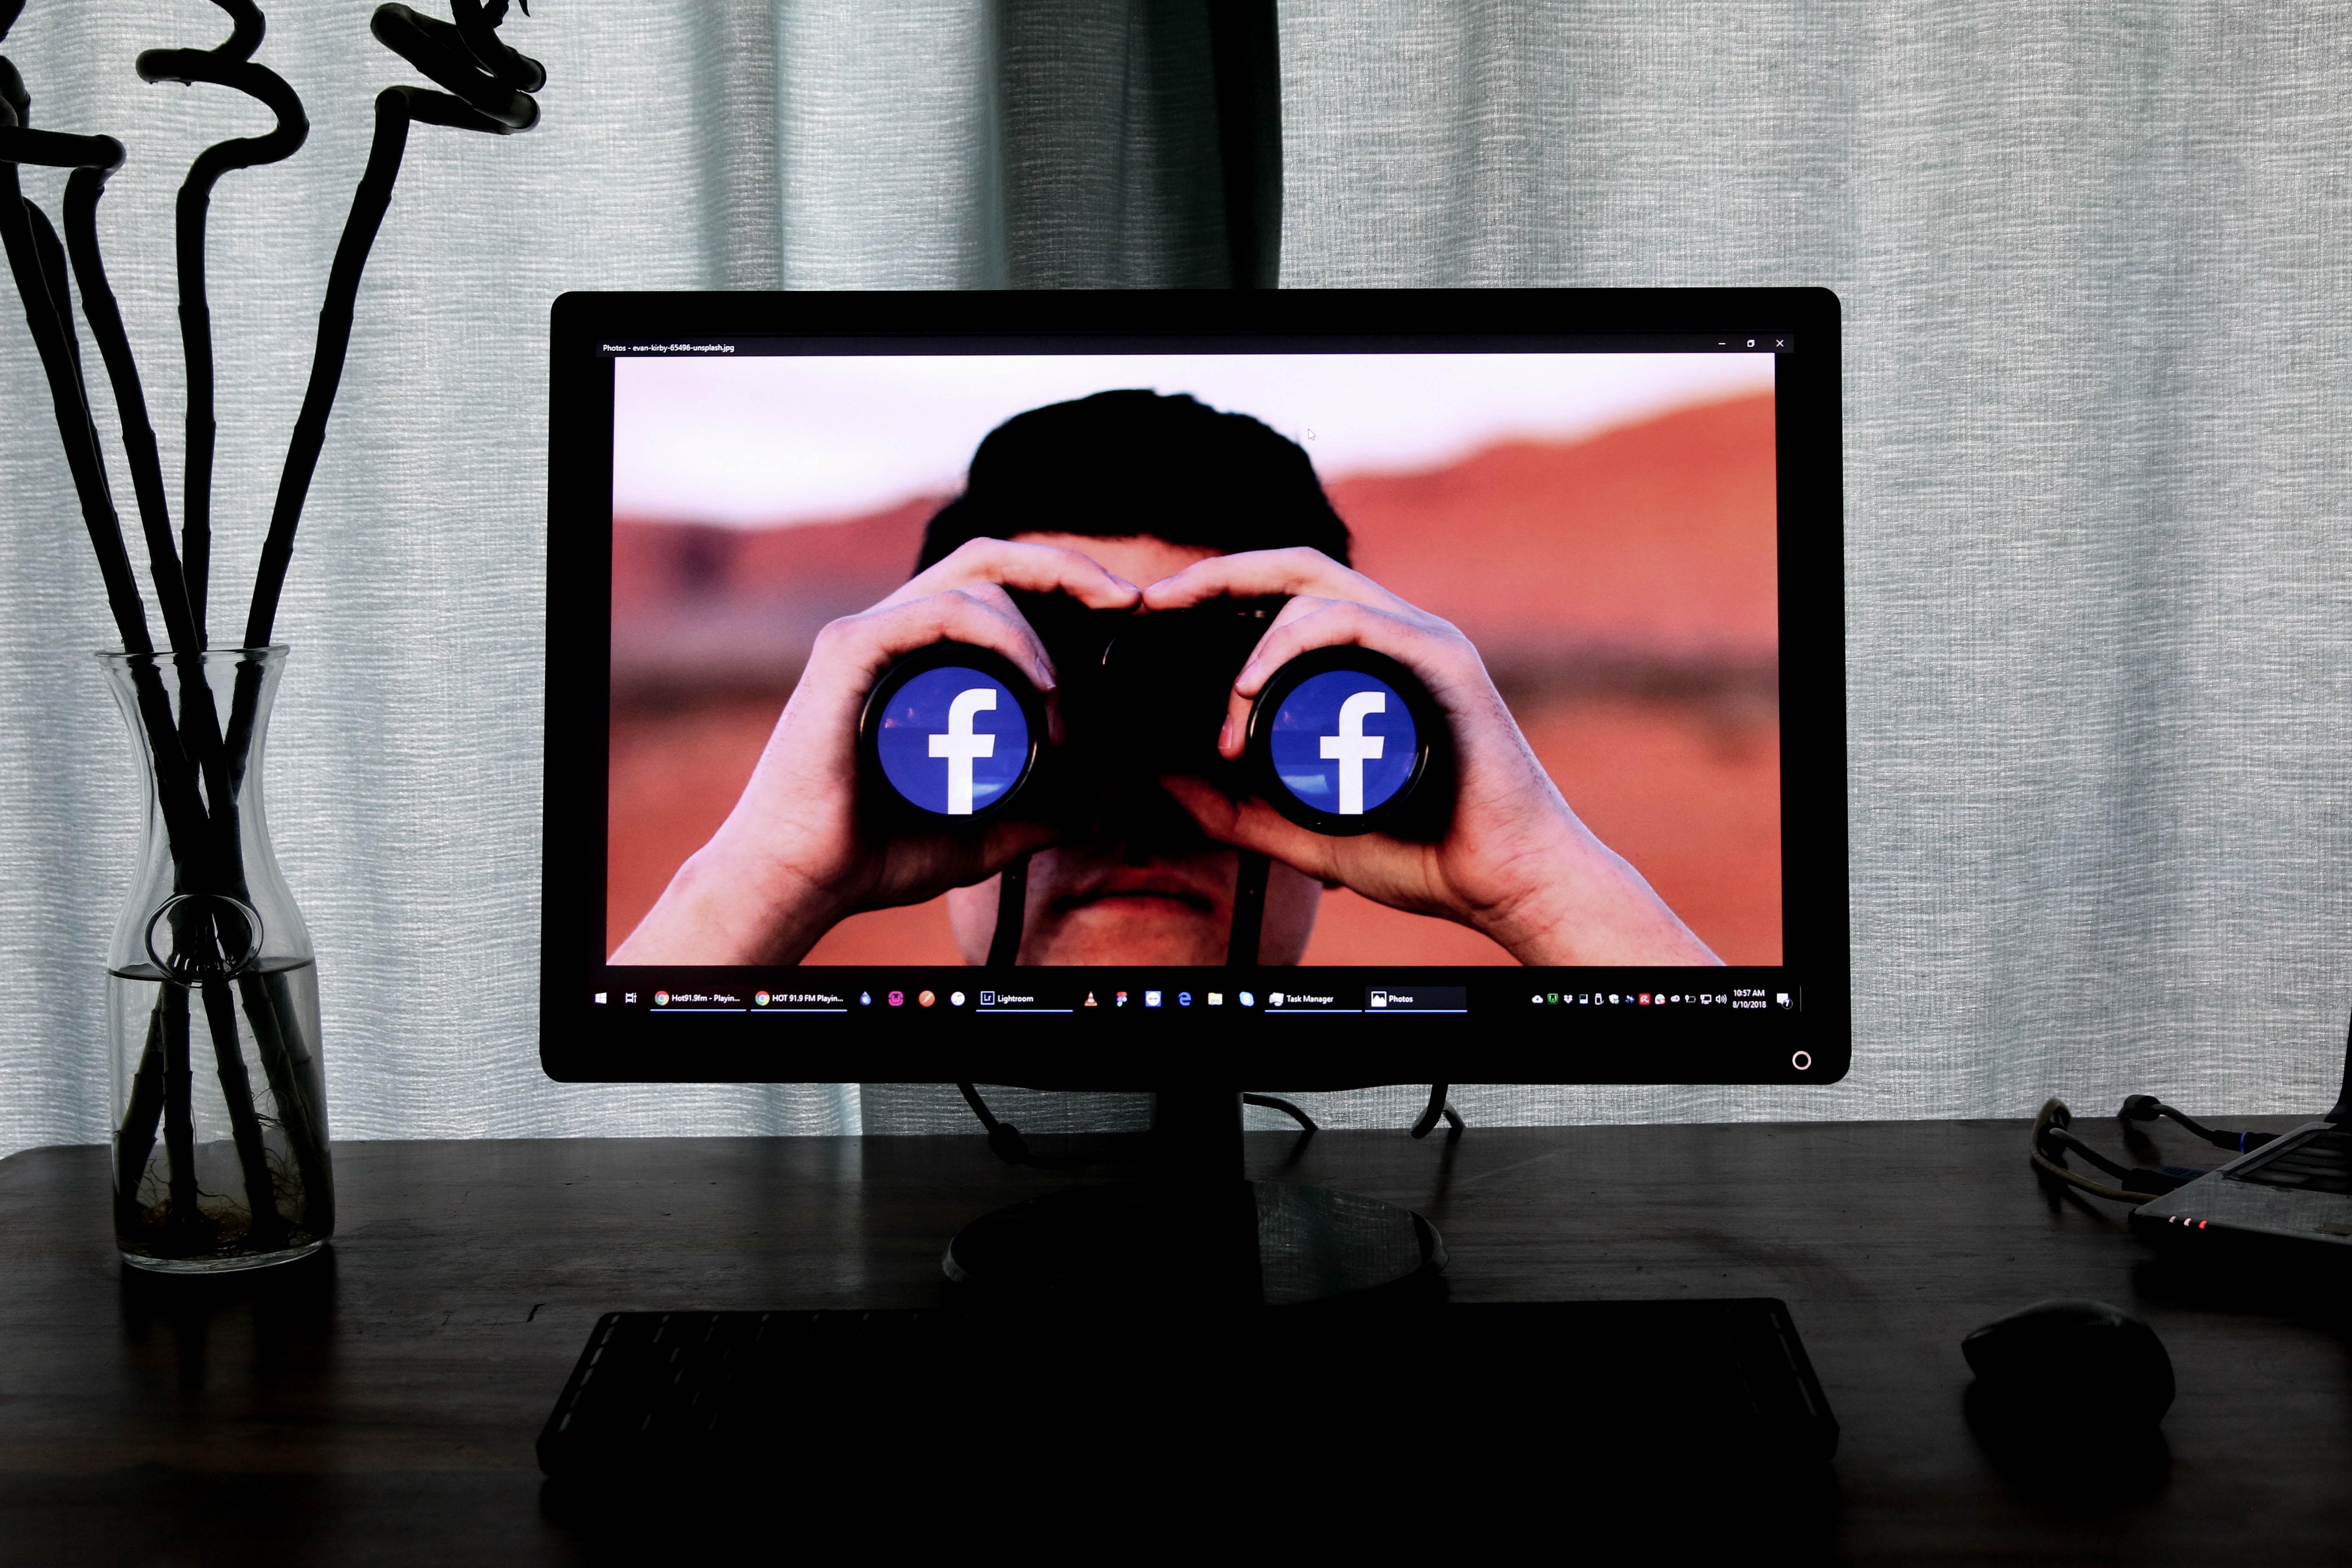 распознавание лиц Facebook